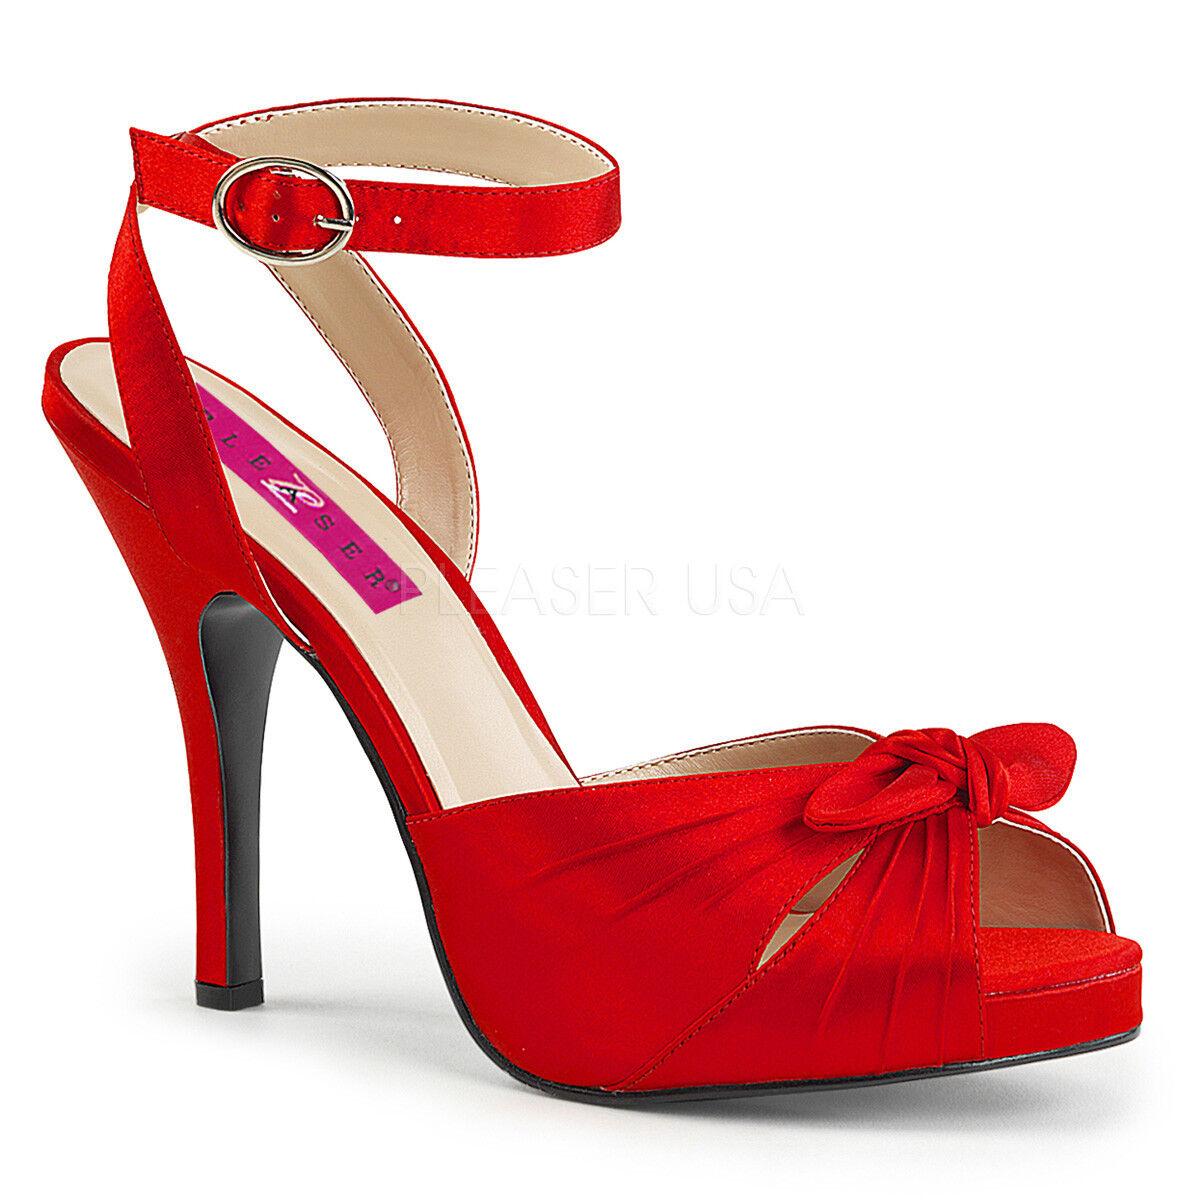 marchio in liquidazione Red Satin Ballroom Dance Salsa Heels Uomo Drag scarpe scarpe scarpe in Donna Dimensione 13 14 15 16  il più alla moda